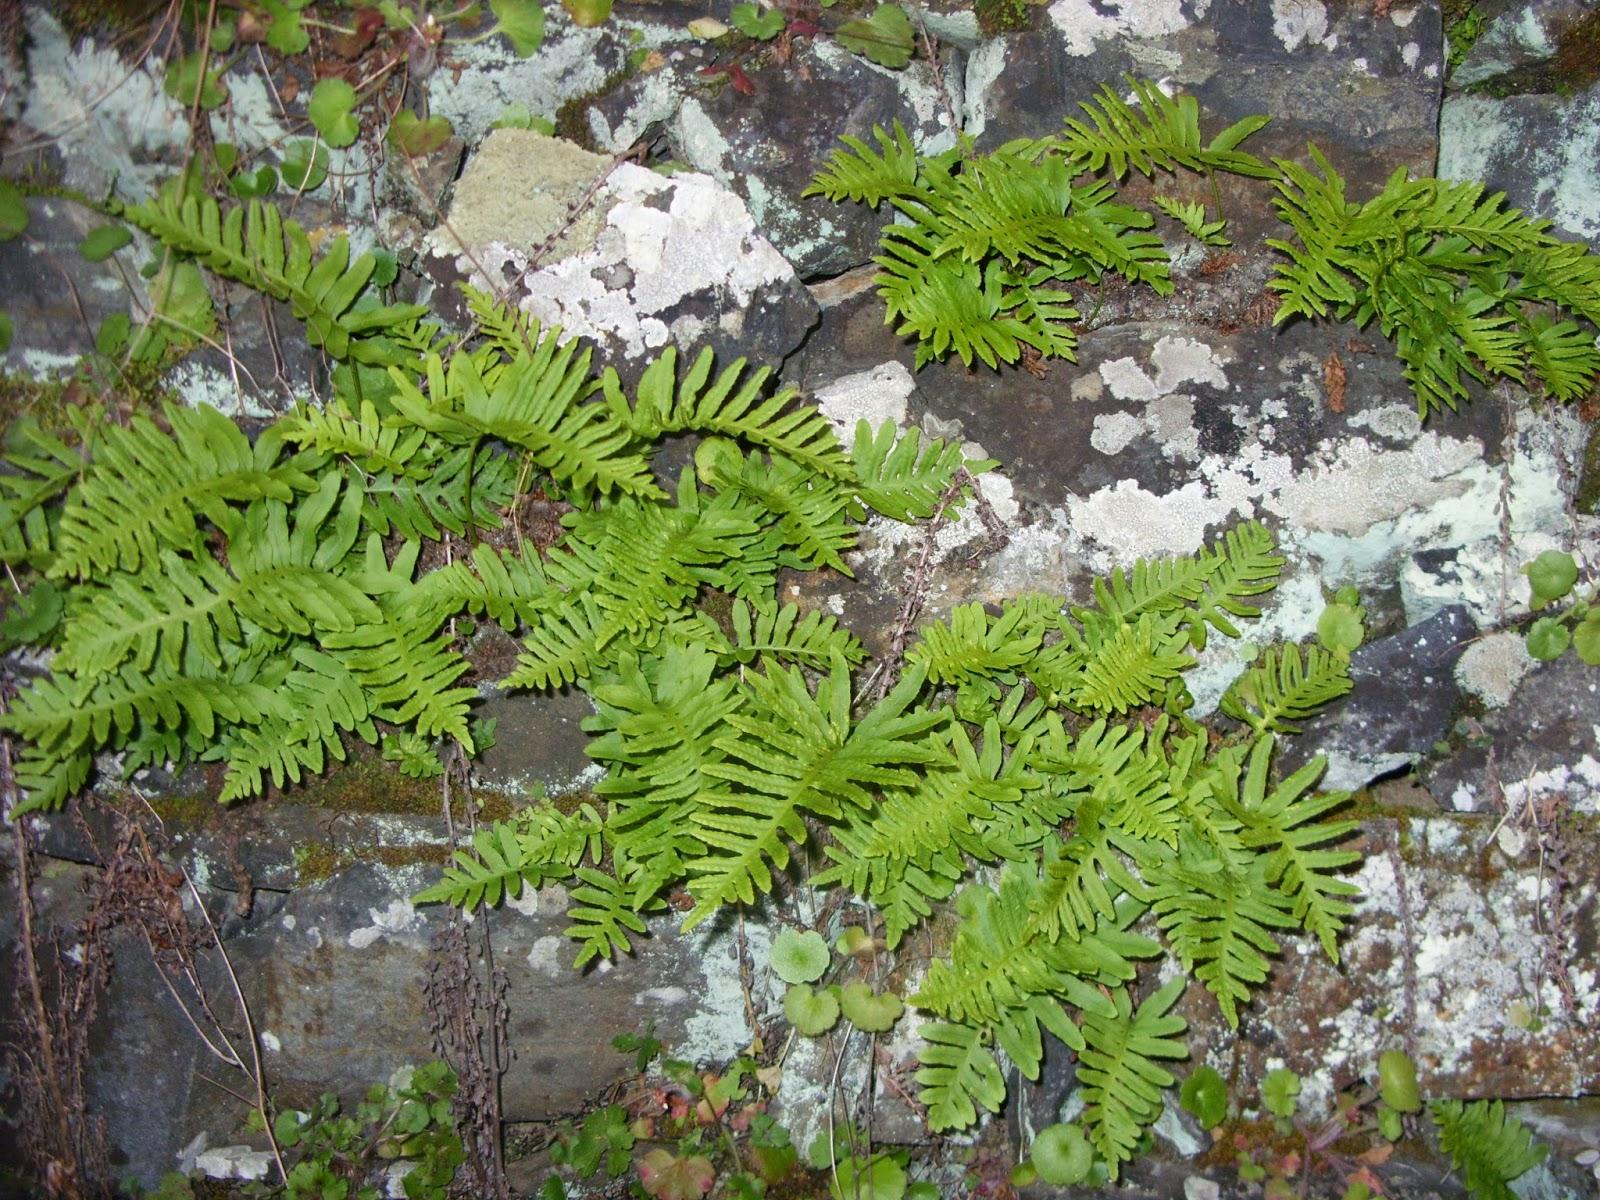 Muros de Pedra - aumente a biodiversidade do seu jardim